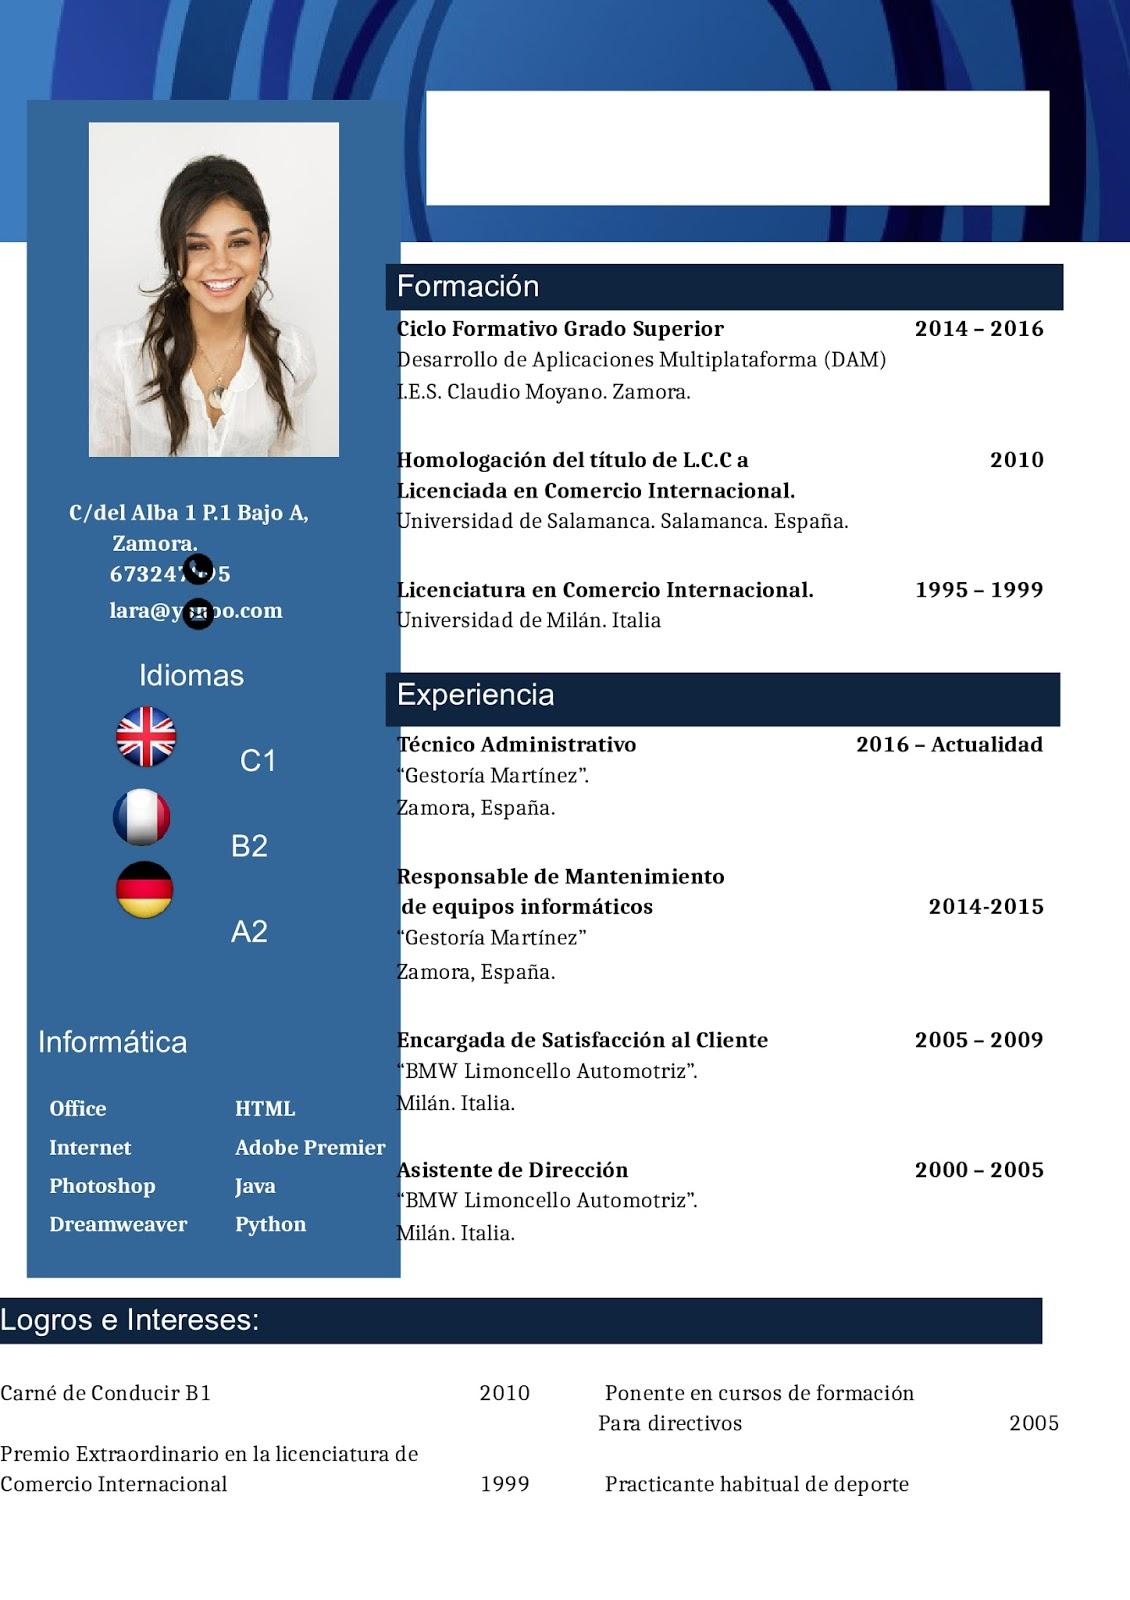 Mírate el ombligo: Perfil Profesional y Perfil del Puesto